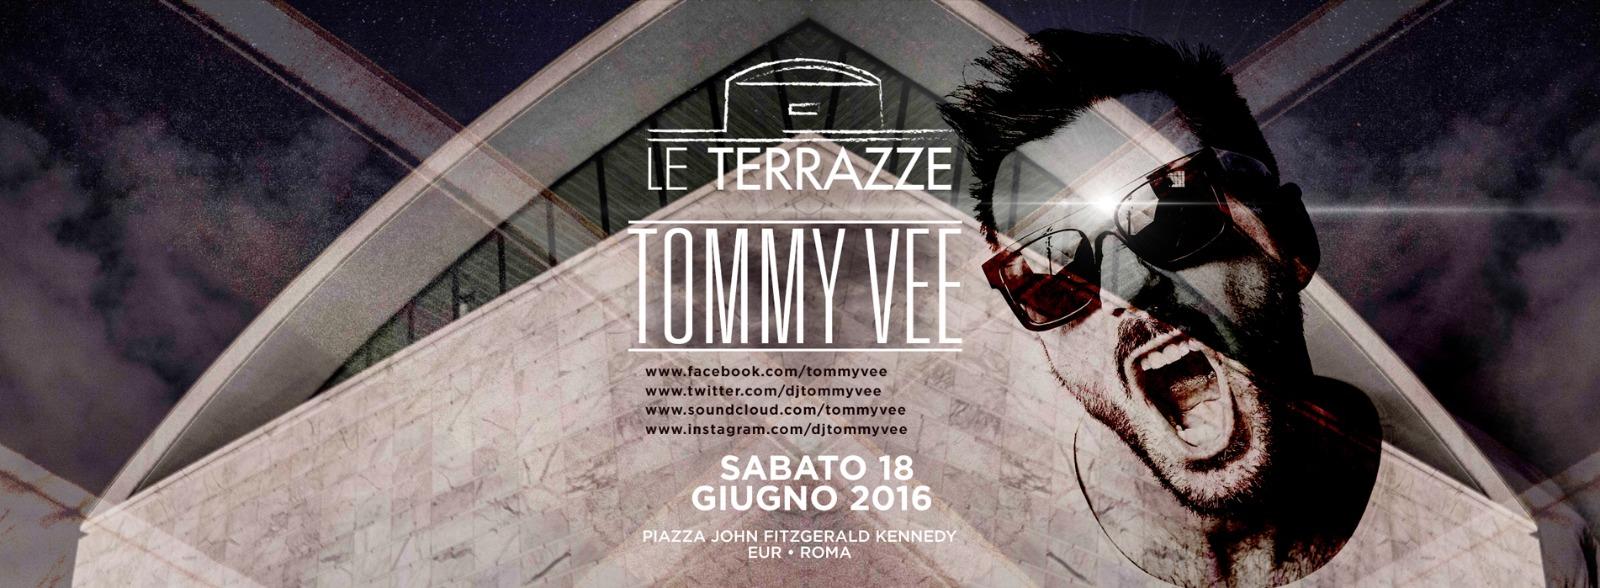 Discoteca Le Terrazze Roma sabato 18